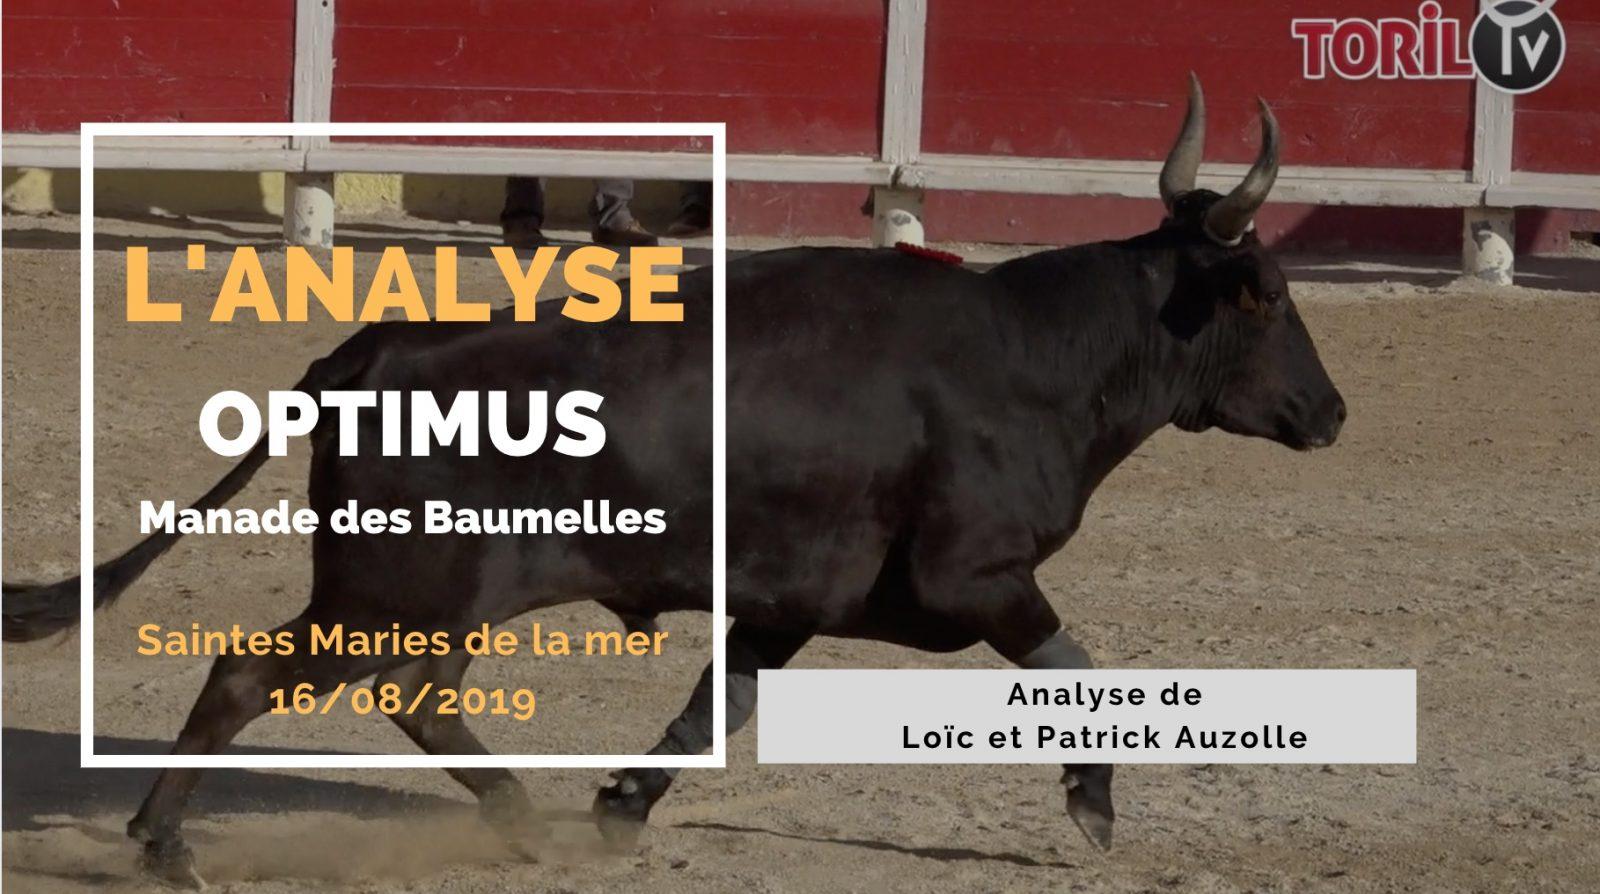 L'ANALYSE : Optimus (Baumelles) – Saintes Maries de la Mer (16/08/2019)